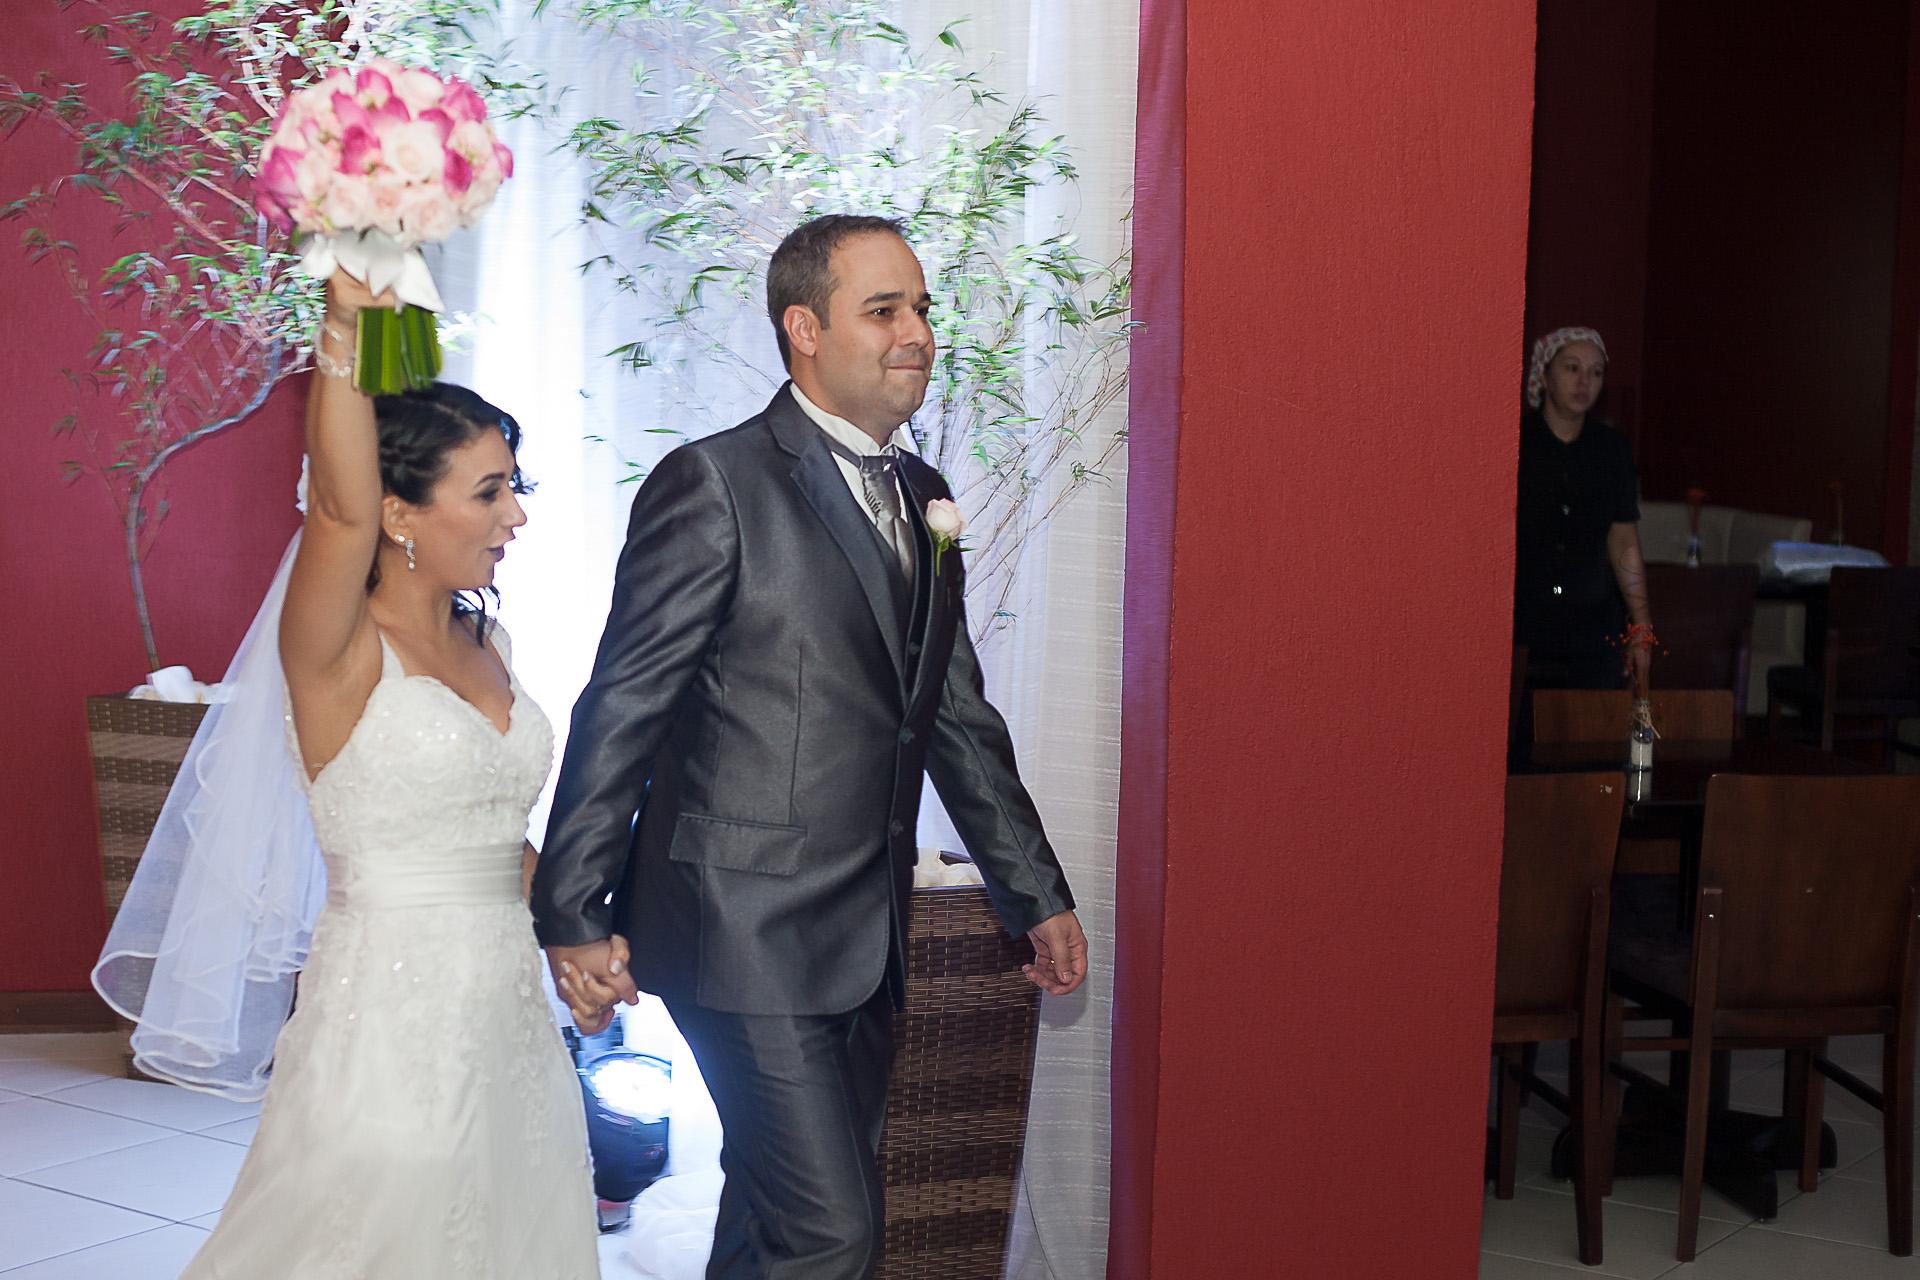 fotografo de casamento-74